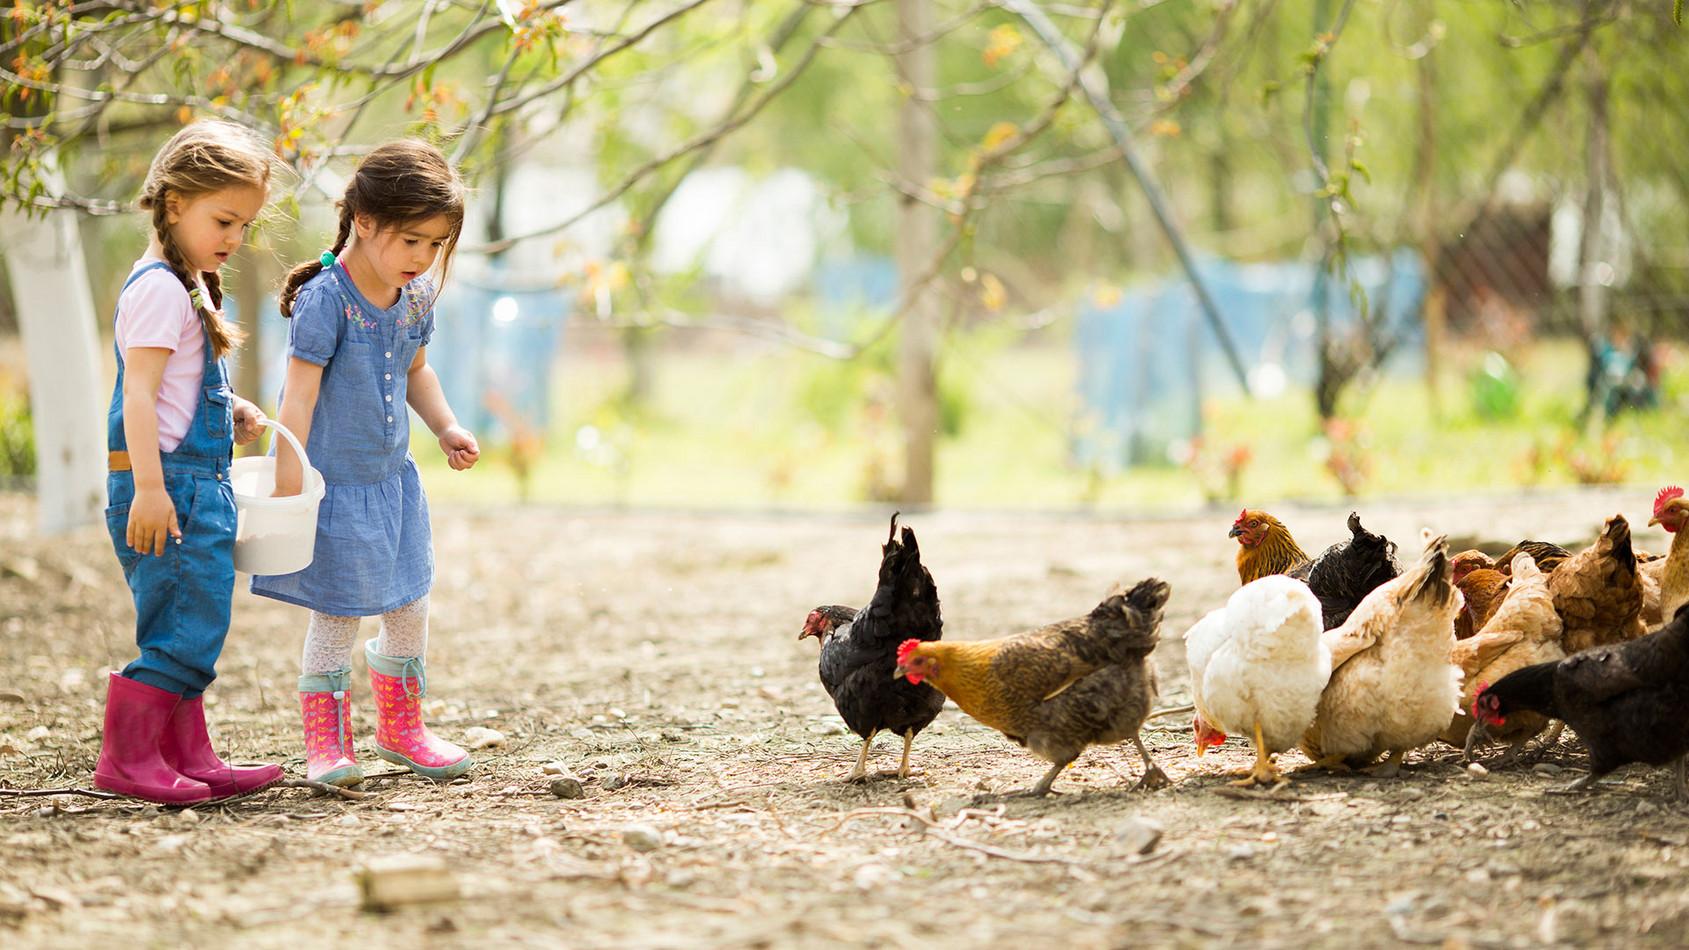 Familienurlaub am Bauernhof Das intensive Naturerlebnis